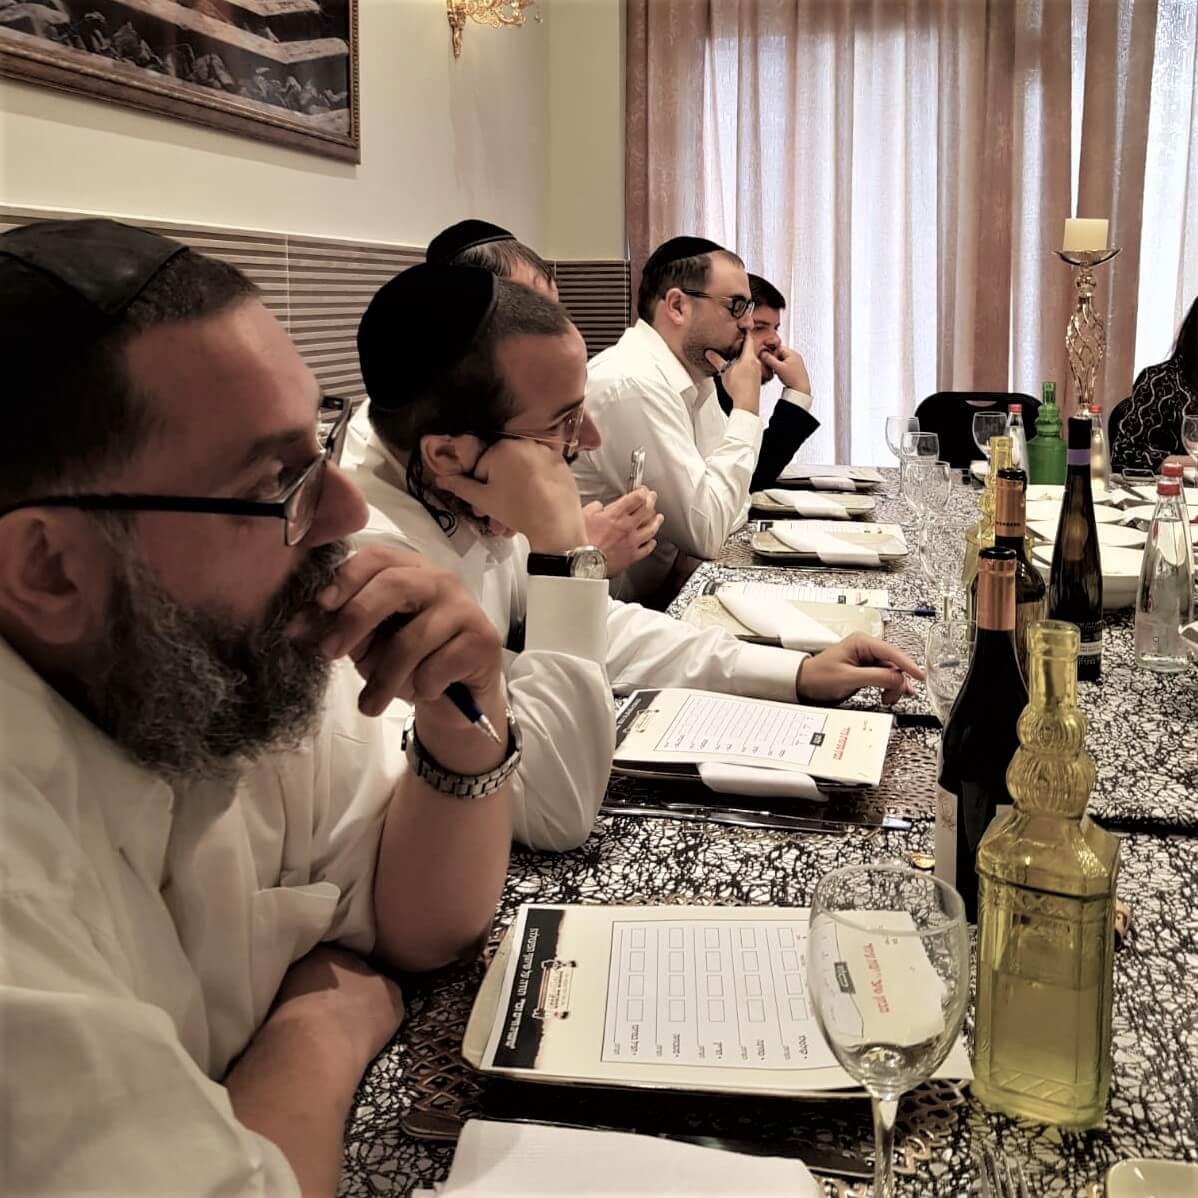 הלכנו למבחן טעימות עיוור במסעדה היהודית וזה מה שקרה שם 2